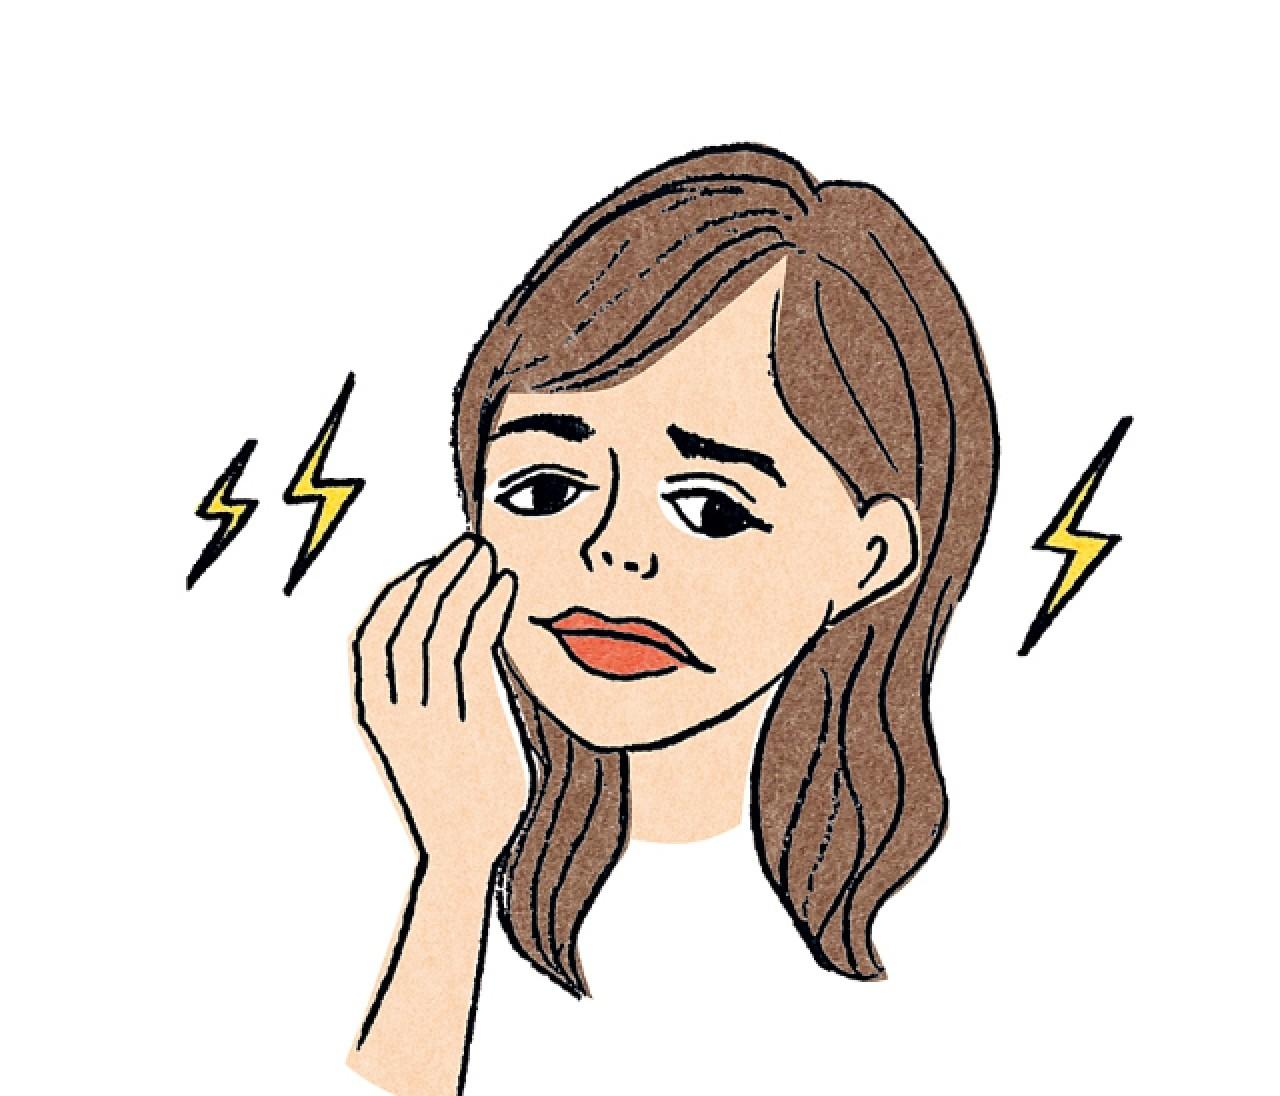 季節の変わり目トラブル肌レスキュー【1】汗をかくとしみる!?